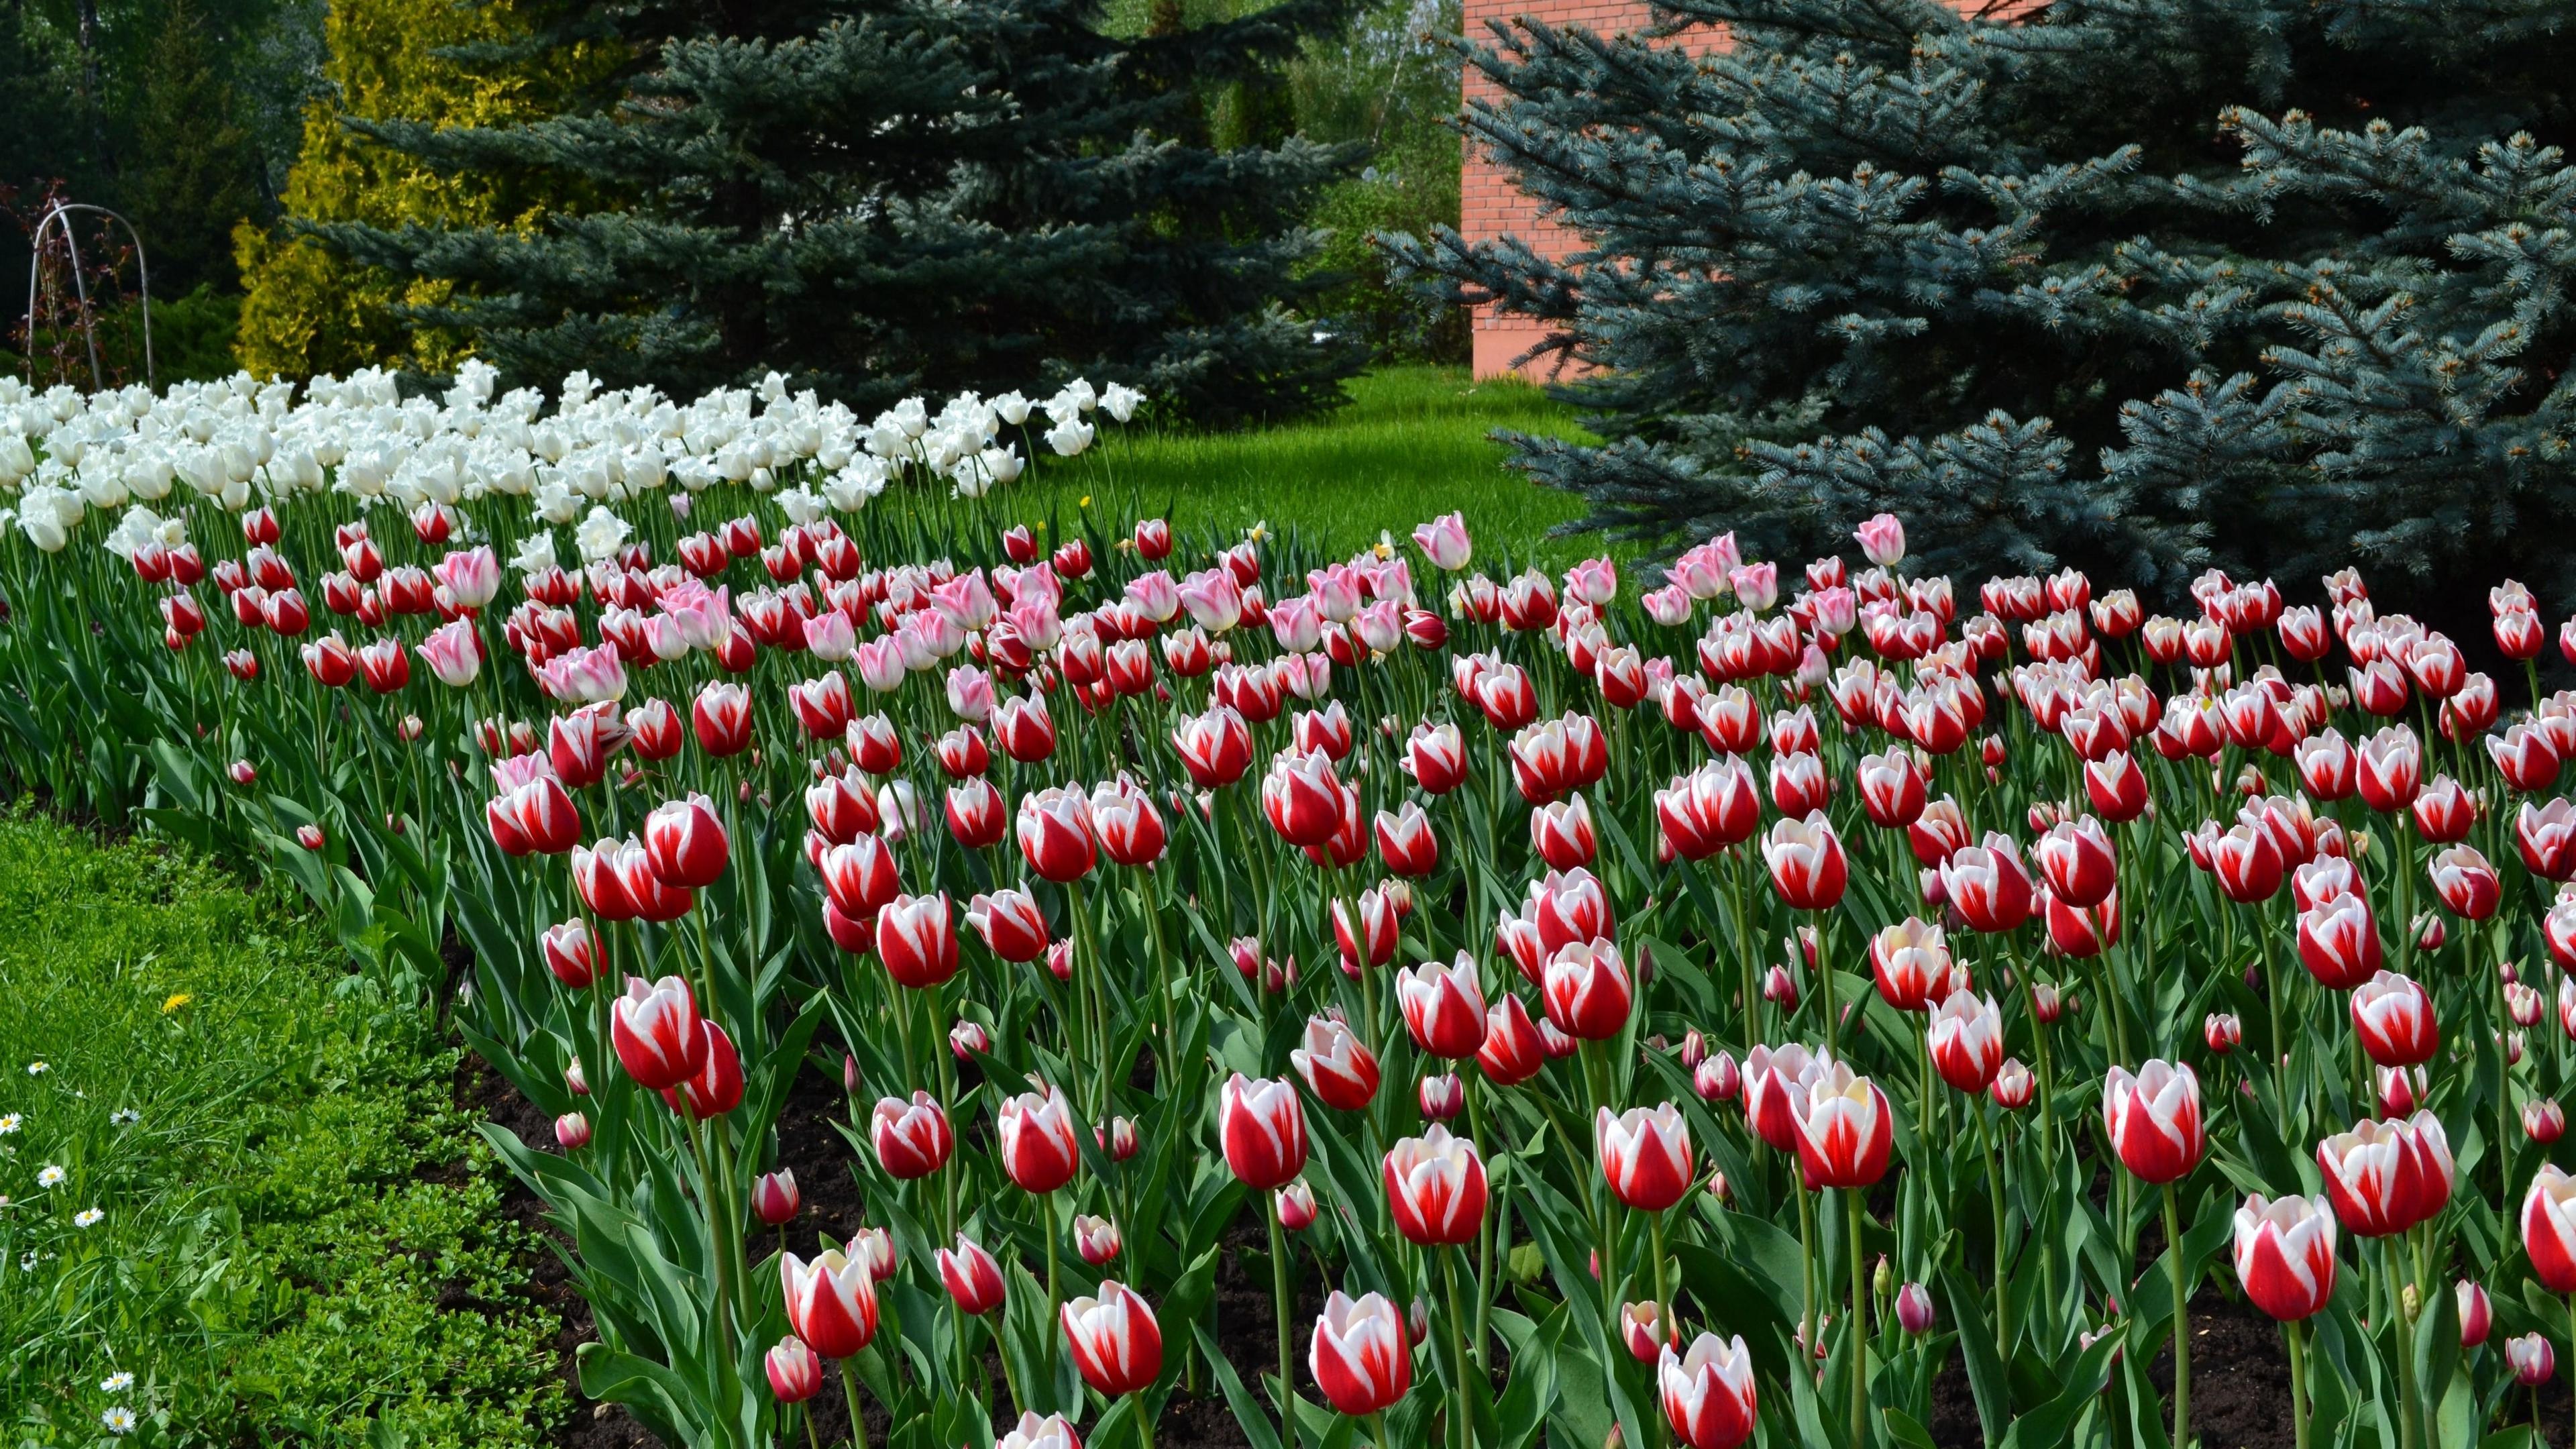 tulips flowers lawn flowerbed blue spruce 4k 1540064133 - tulips, flowers, lawn, flowerbed, blue spruce 4k - Tulips, lawn, Flowers